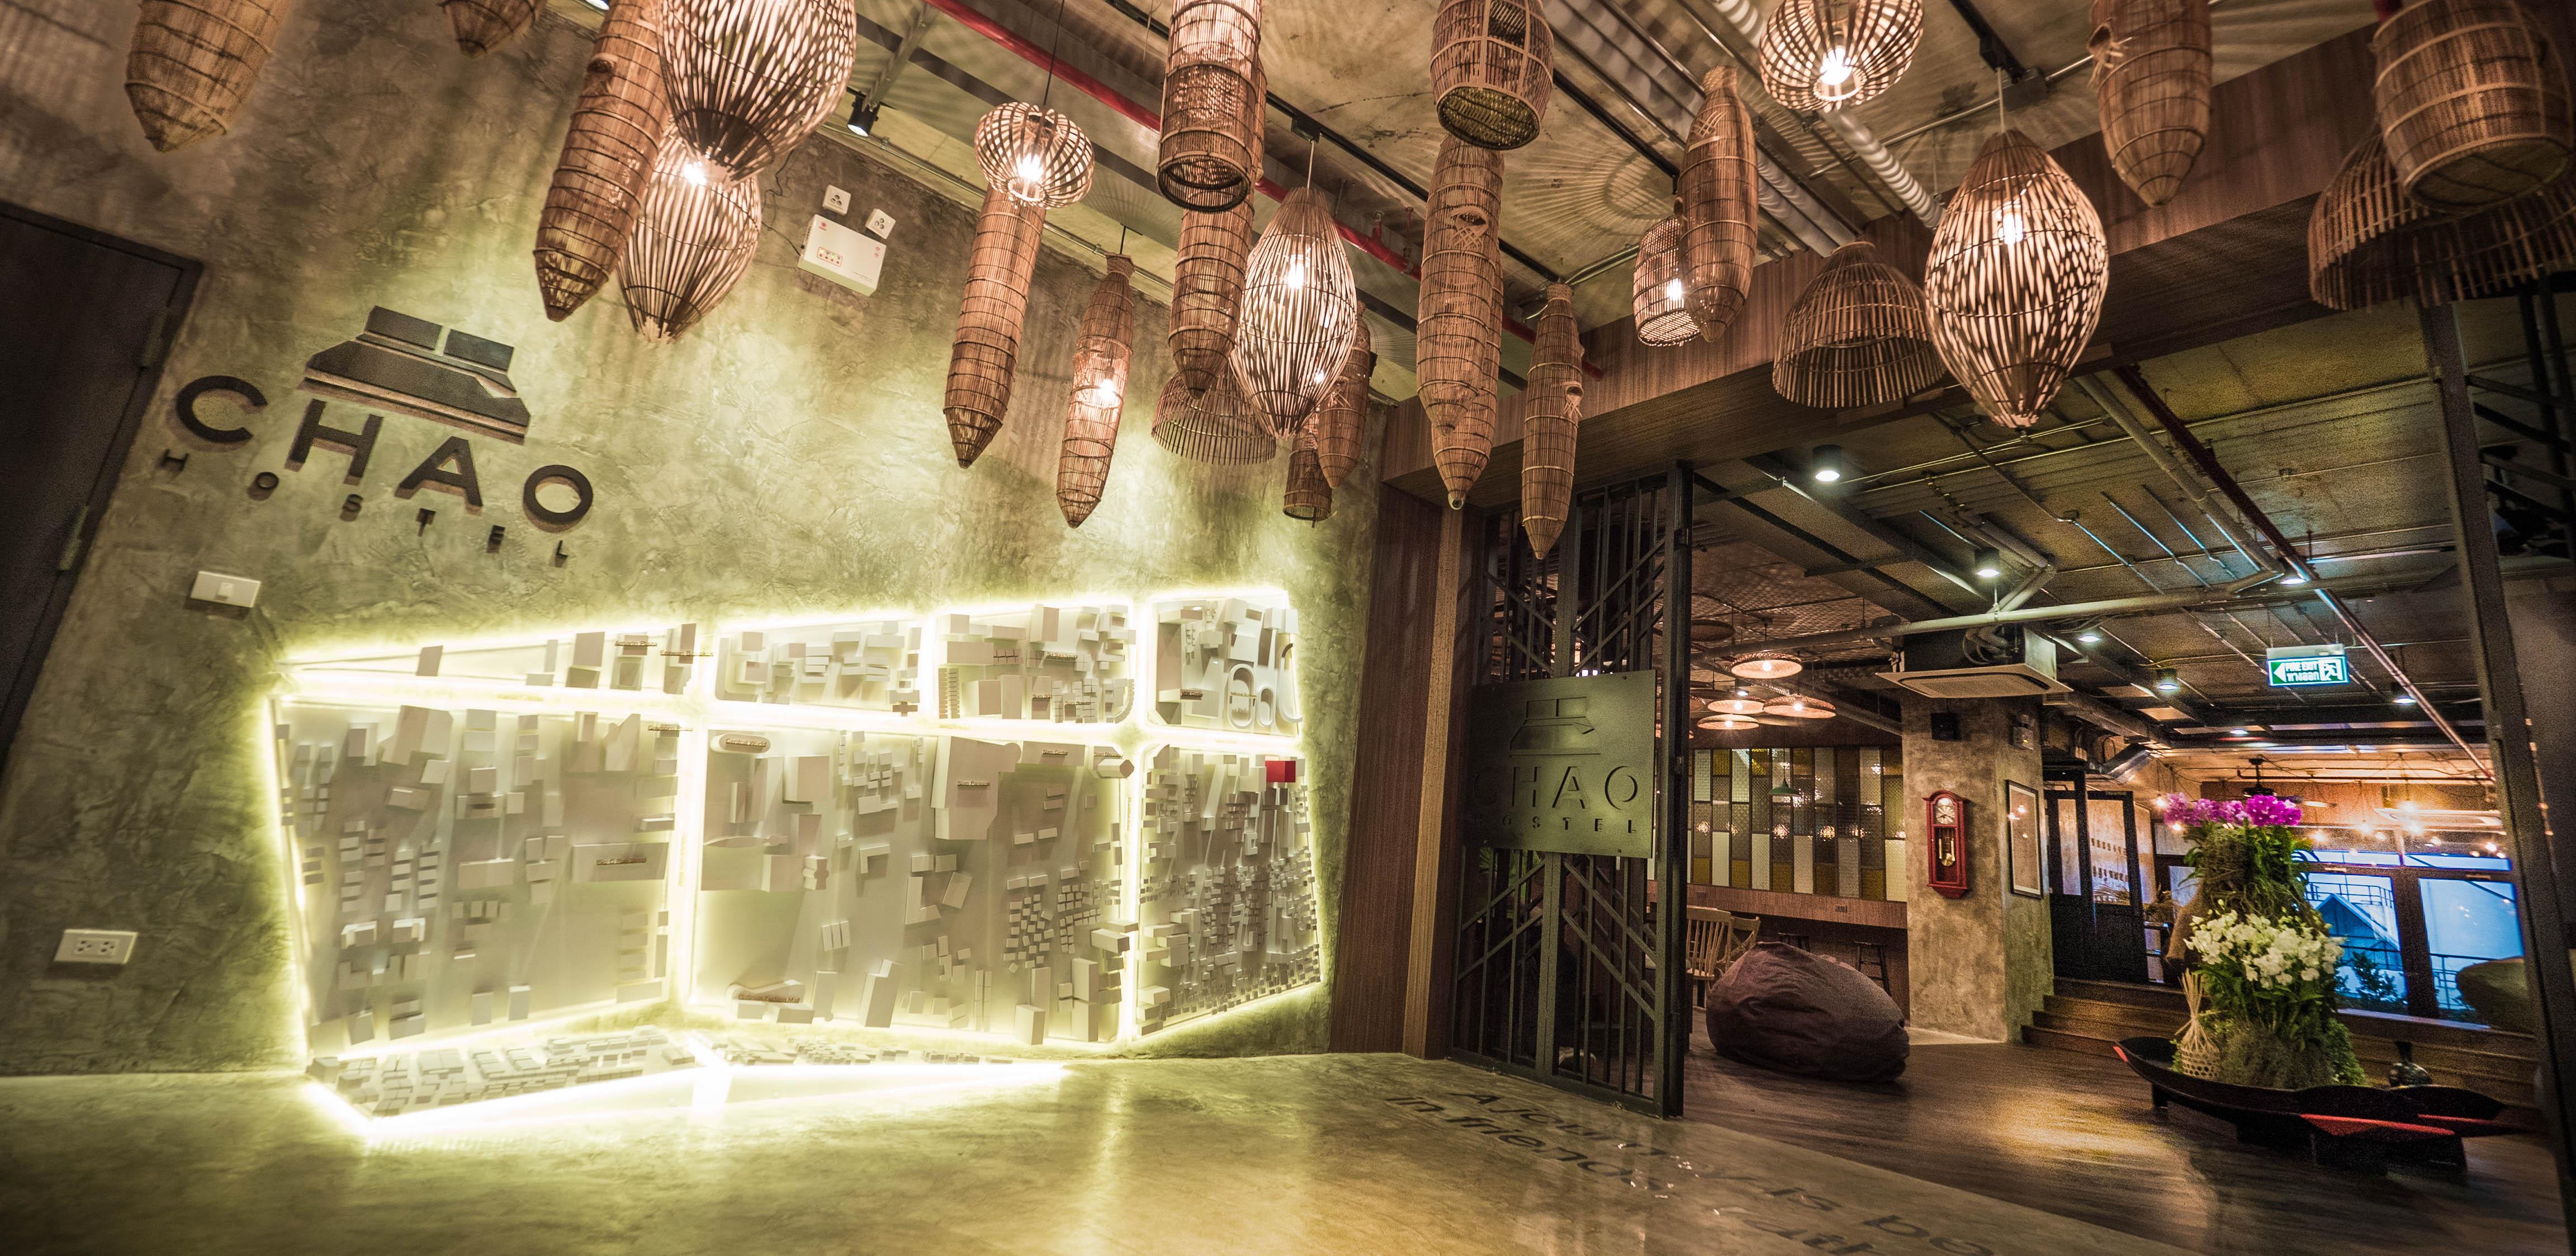 Chao旅馆:曼谷的首要泰国体验 – 少数民族游牧民